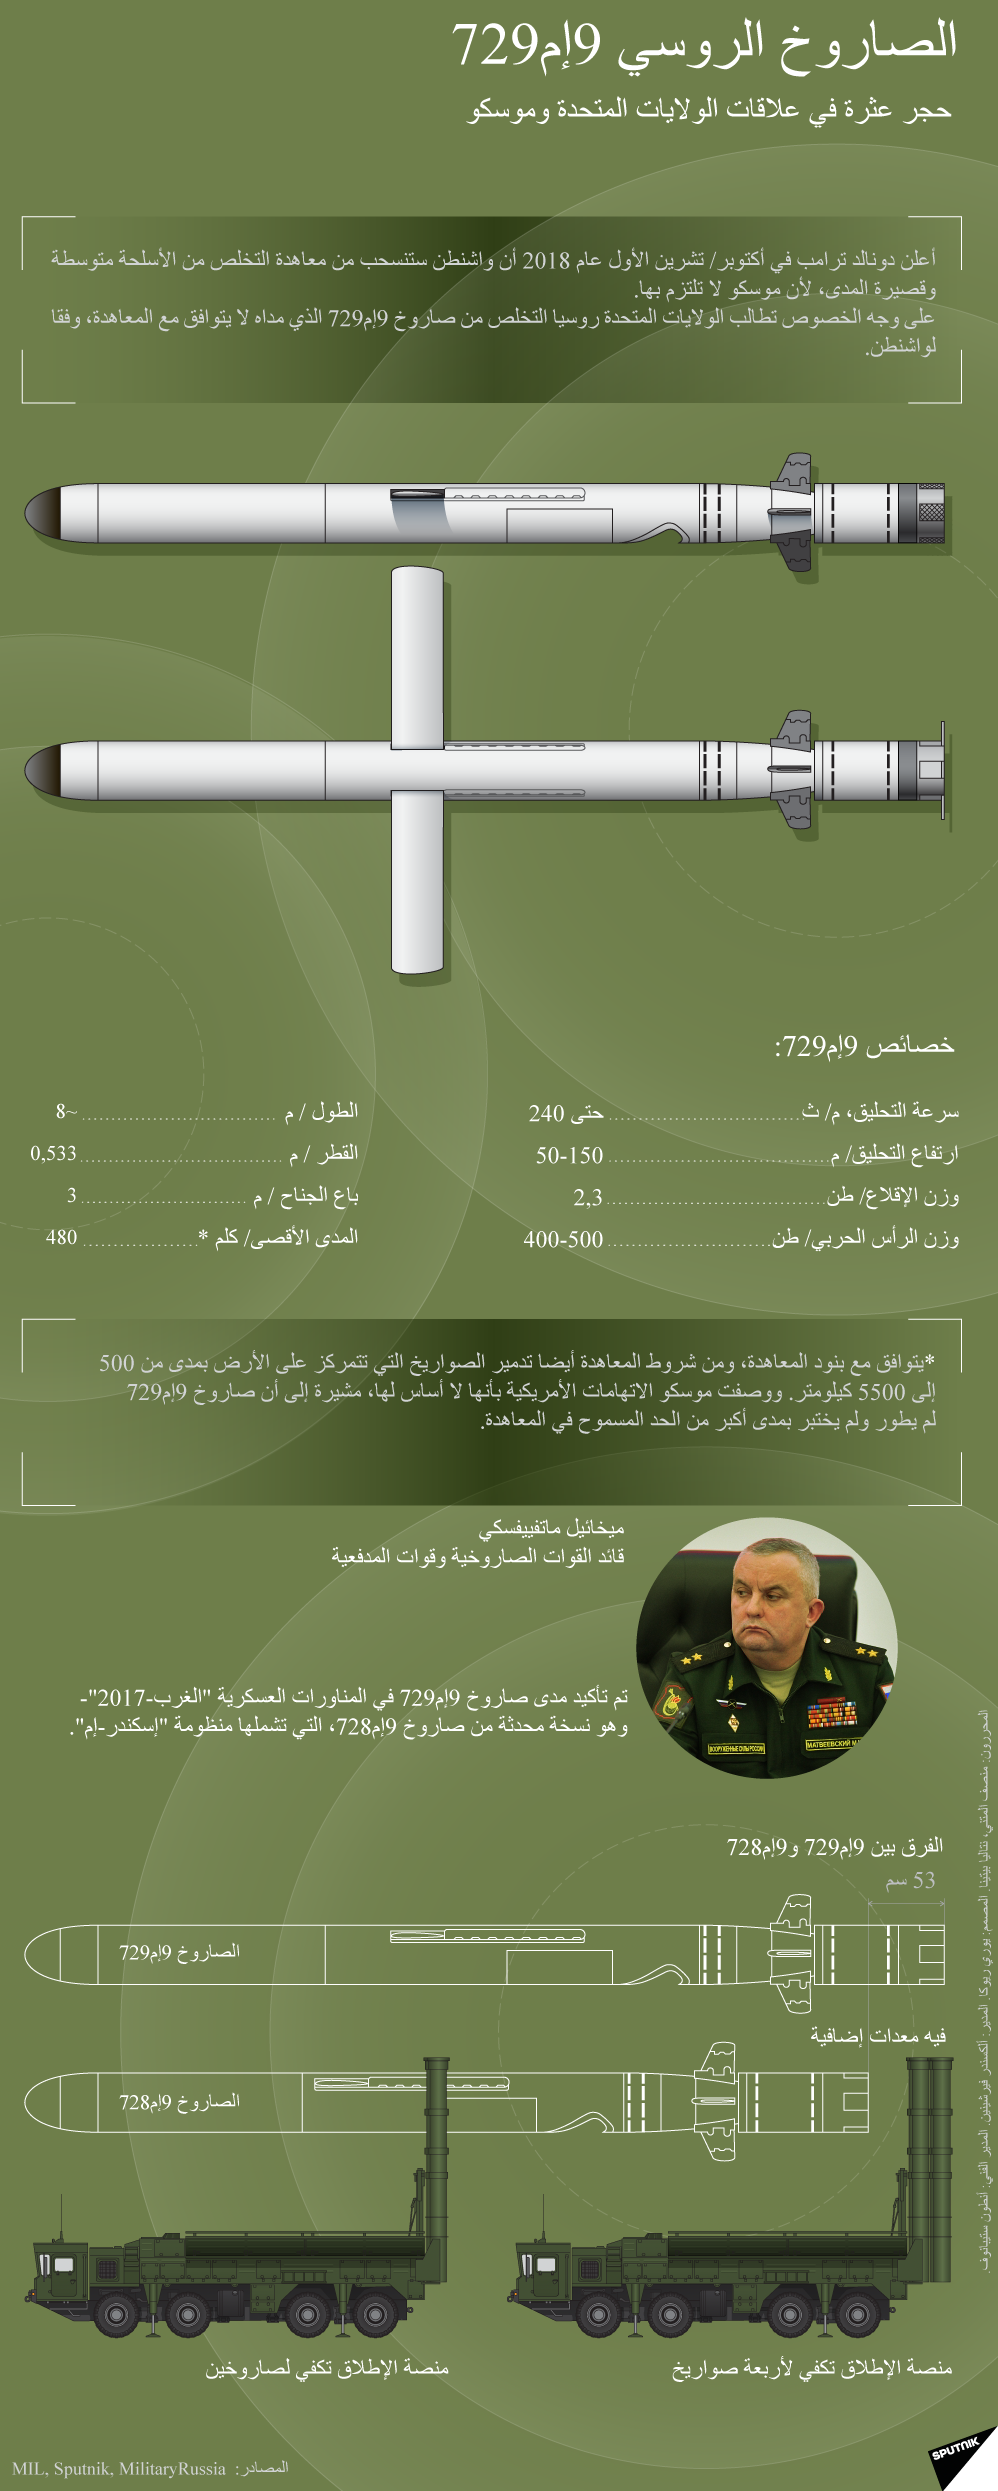 إنفوجرافيك -  الصاروخ الروسي 9إم729